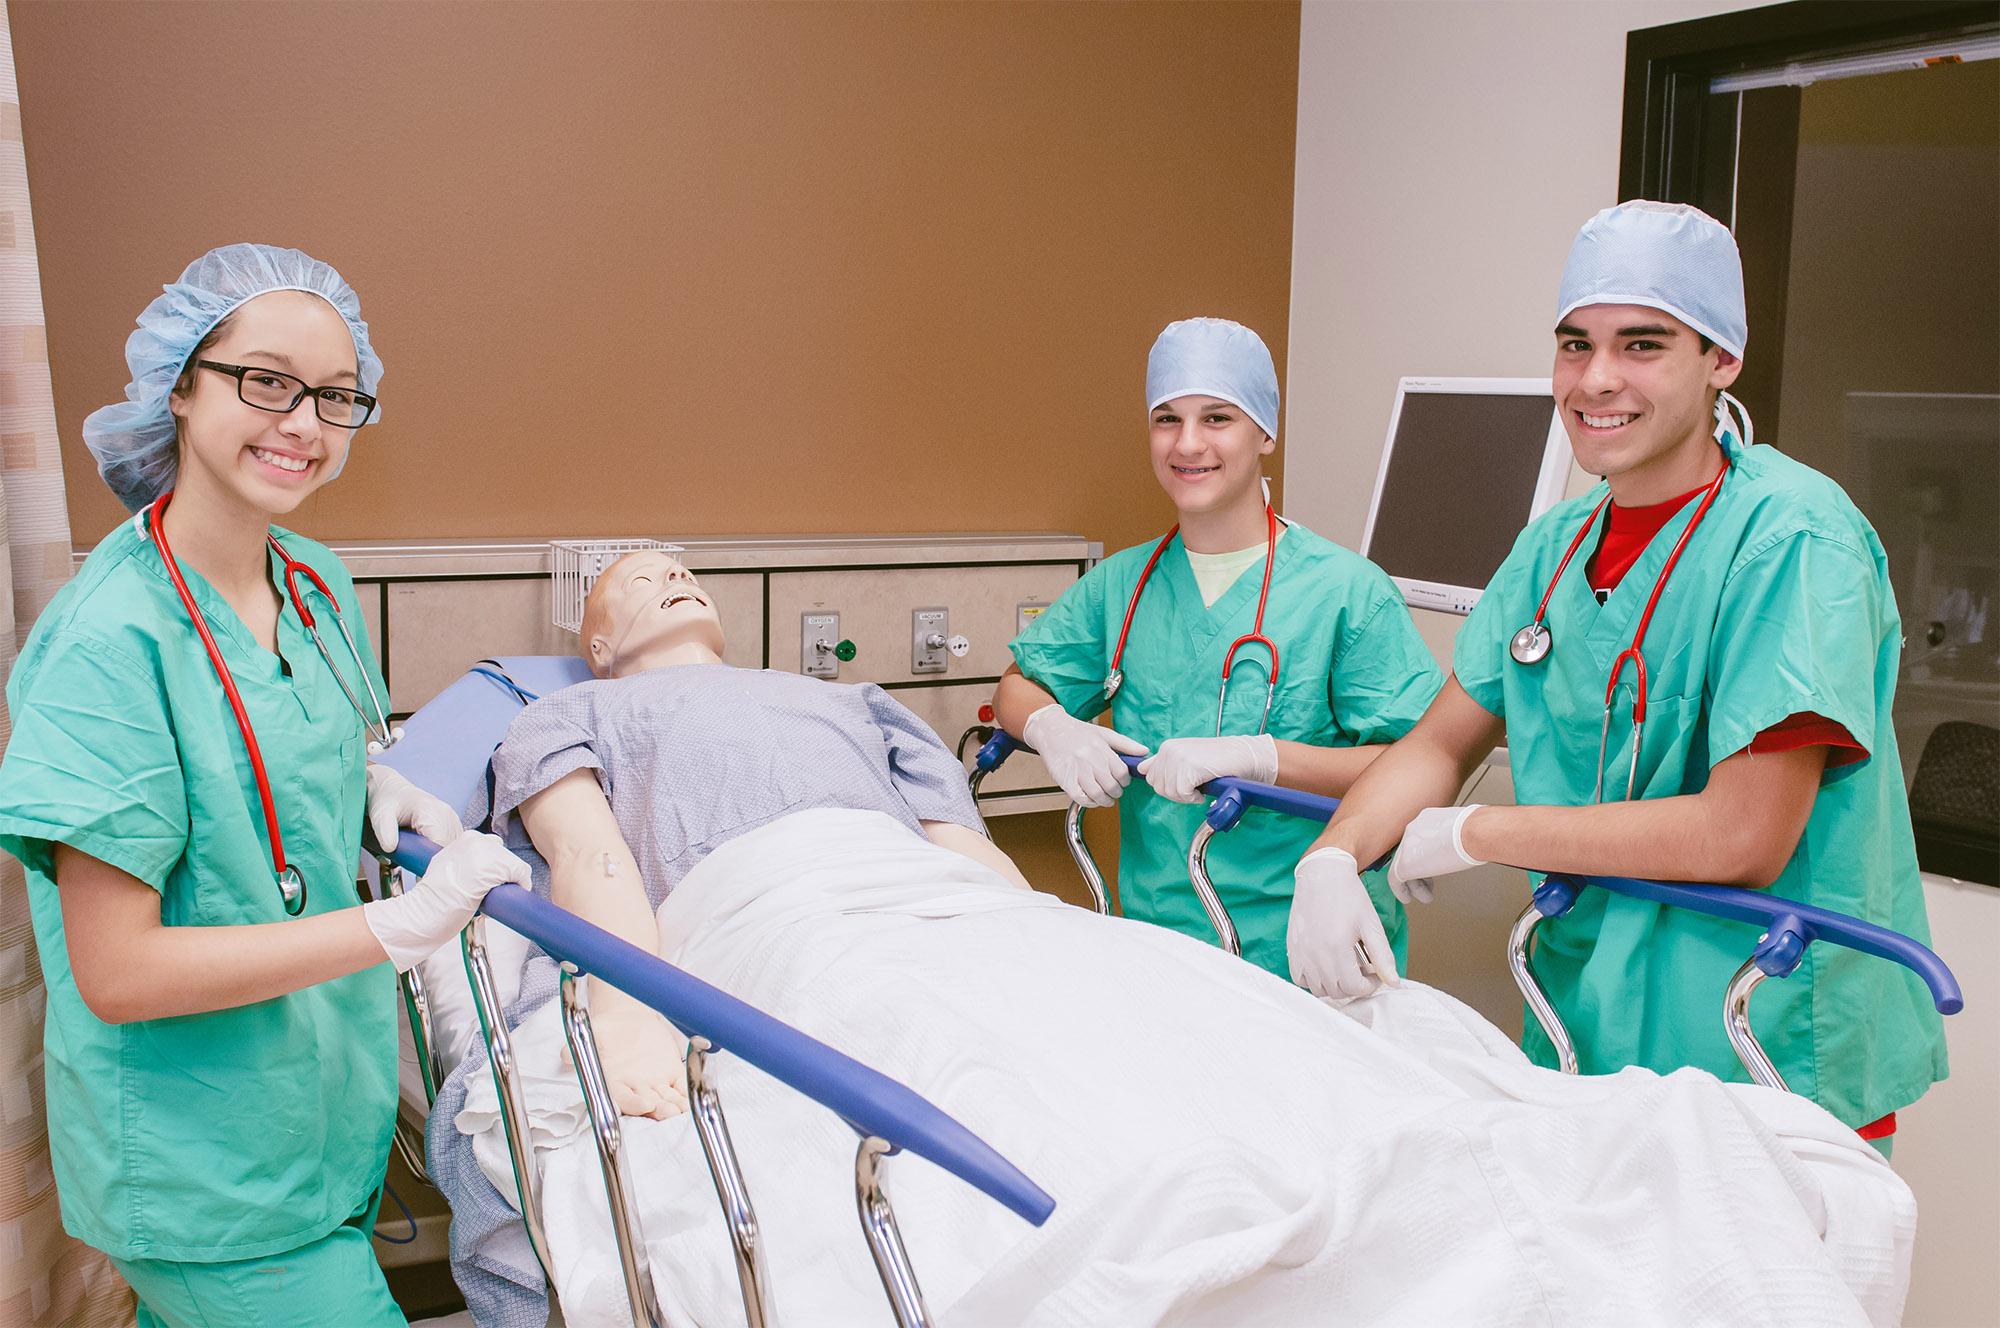 A Cut Above: Harlingen School of Health Professions opens its doors to future medical professionals